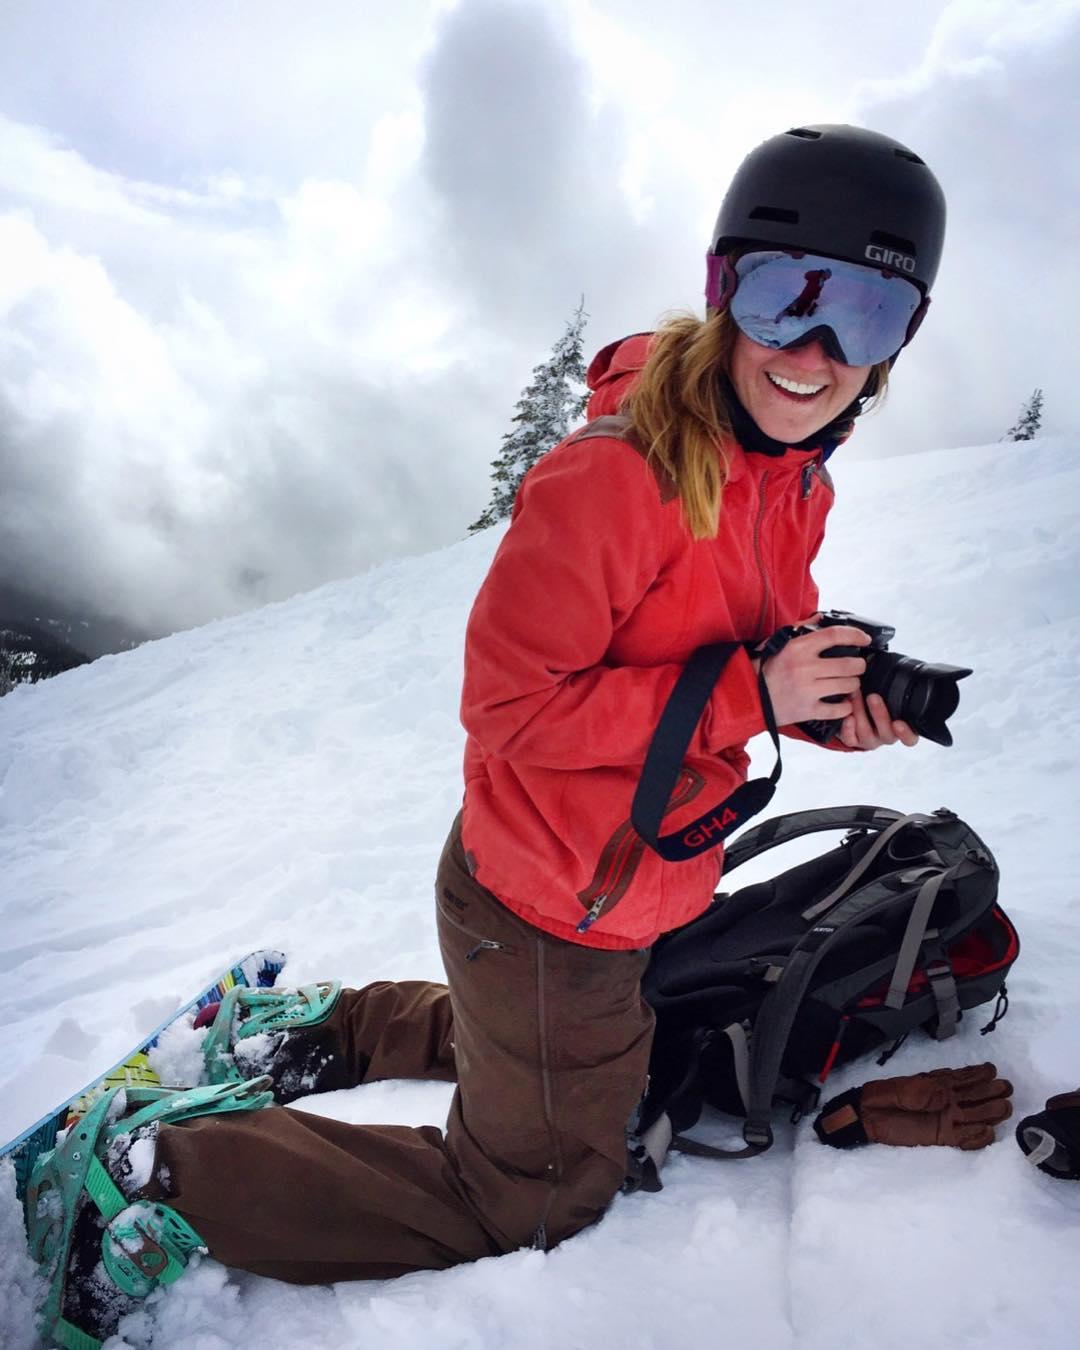 lisa snowboard camera